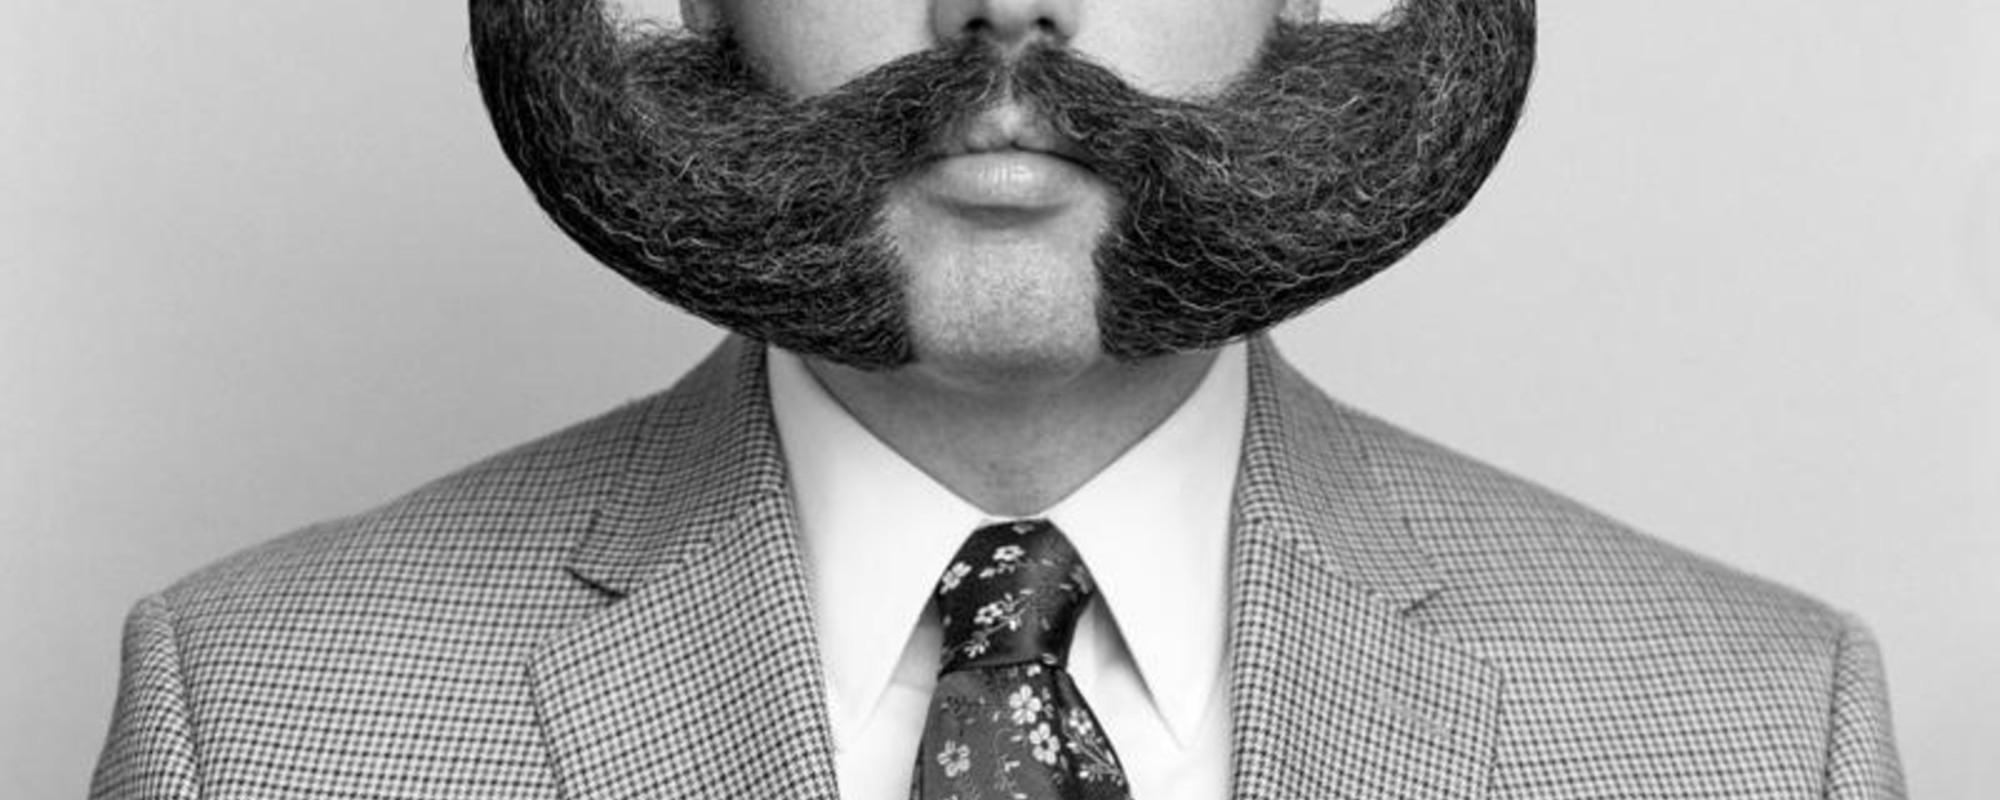 Si no puedes tener un barba así, ya mejor rasúrate